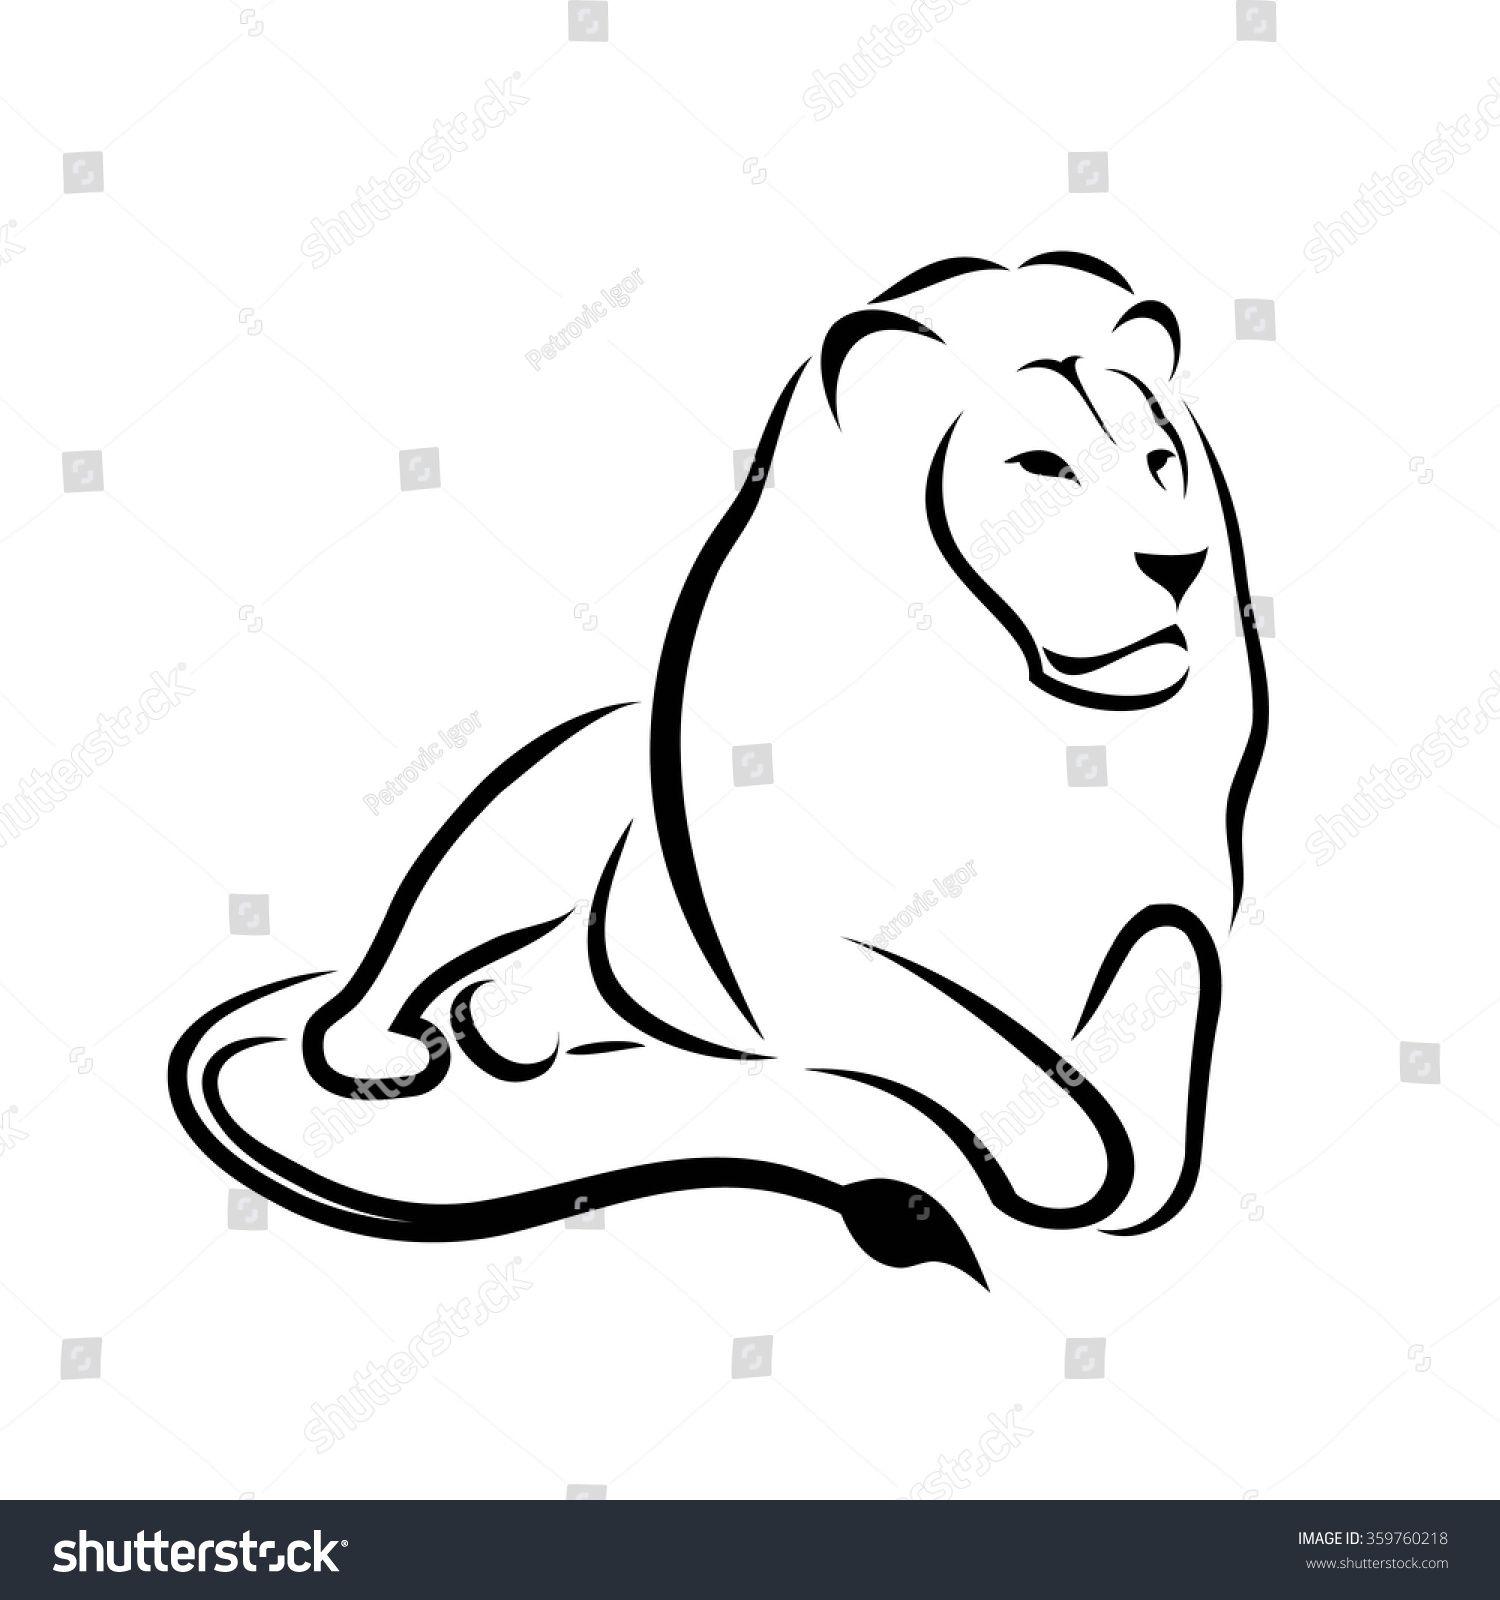 Immagine vettoriale stock 359760218 a tema Lion Symbol